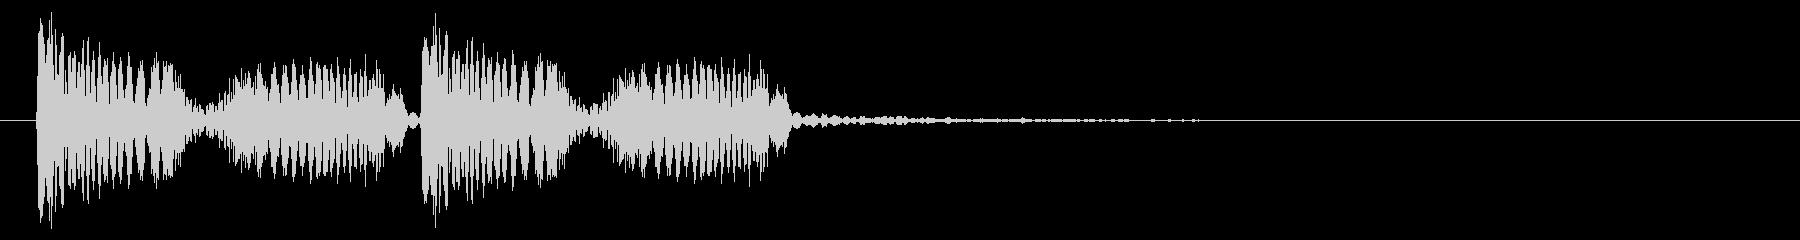 クラブ系 決定音01(スクラッチ)の未再生の波形